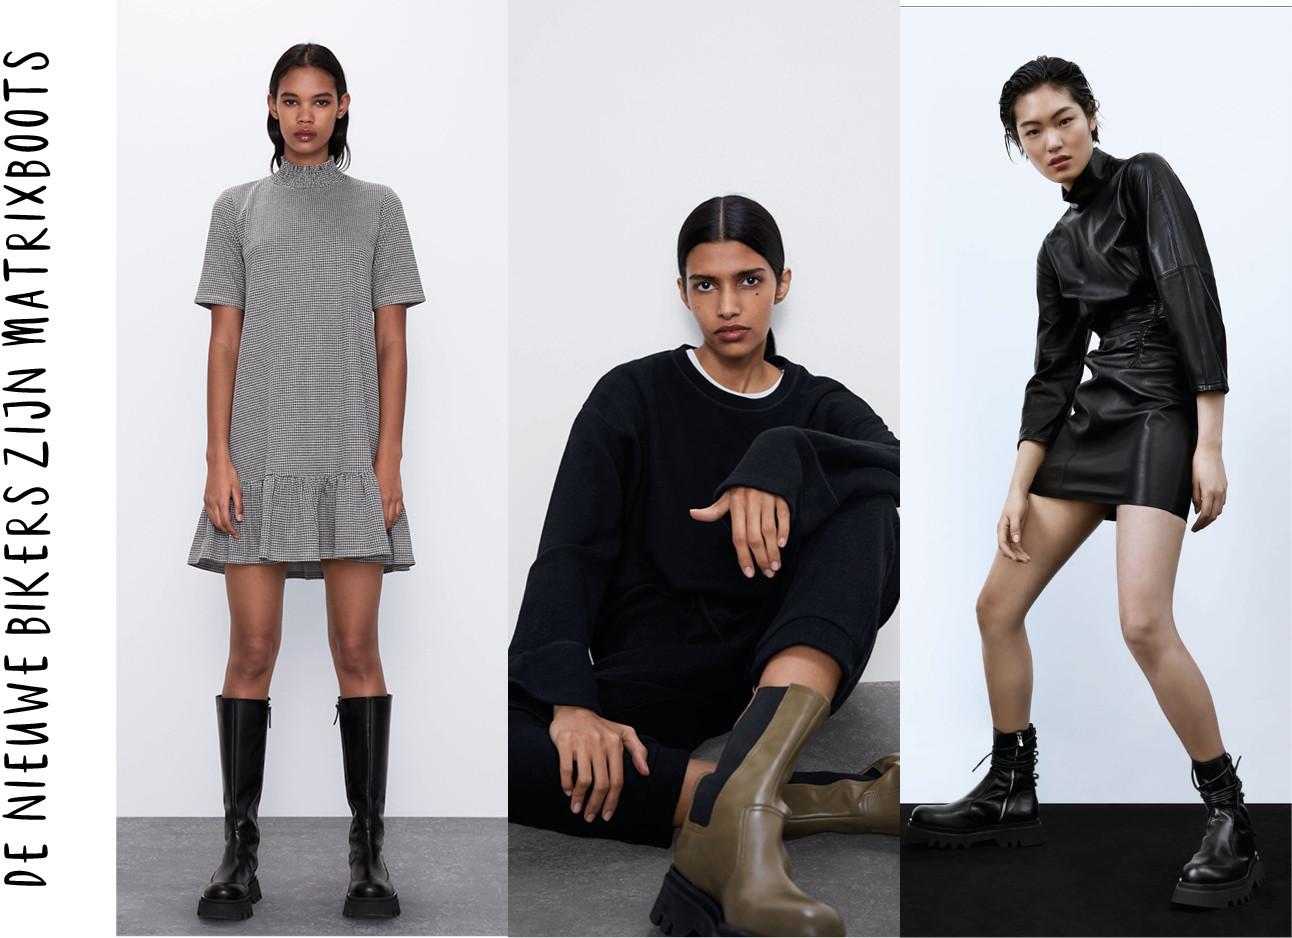 beelden met kleding van de zara van hun website